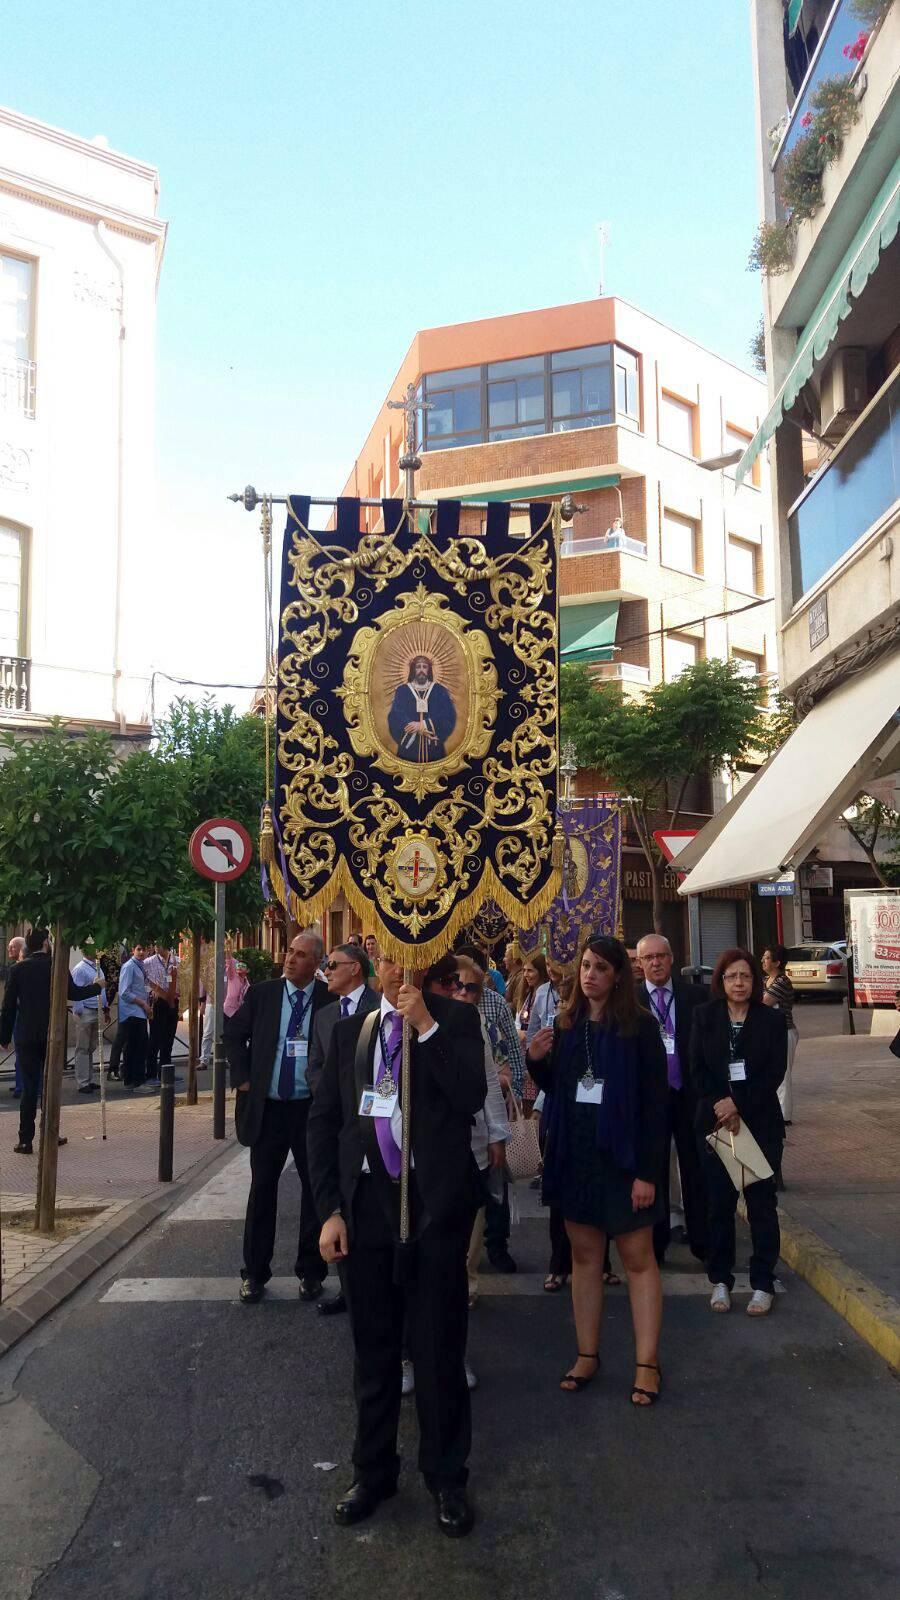 III Encuentro de Cofradías de Jesús de Medinaceli  - Celebrado el III  Encuentro Regional de cofradías de Jesús de Medinaceli